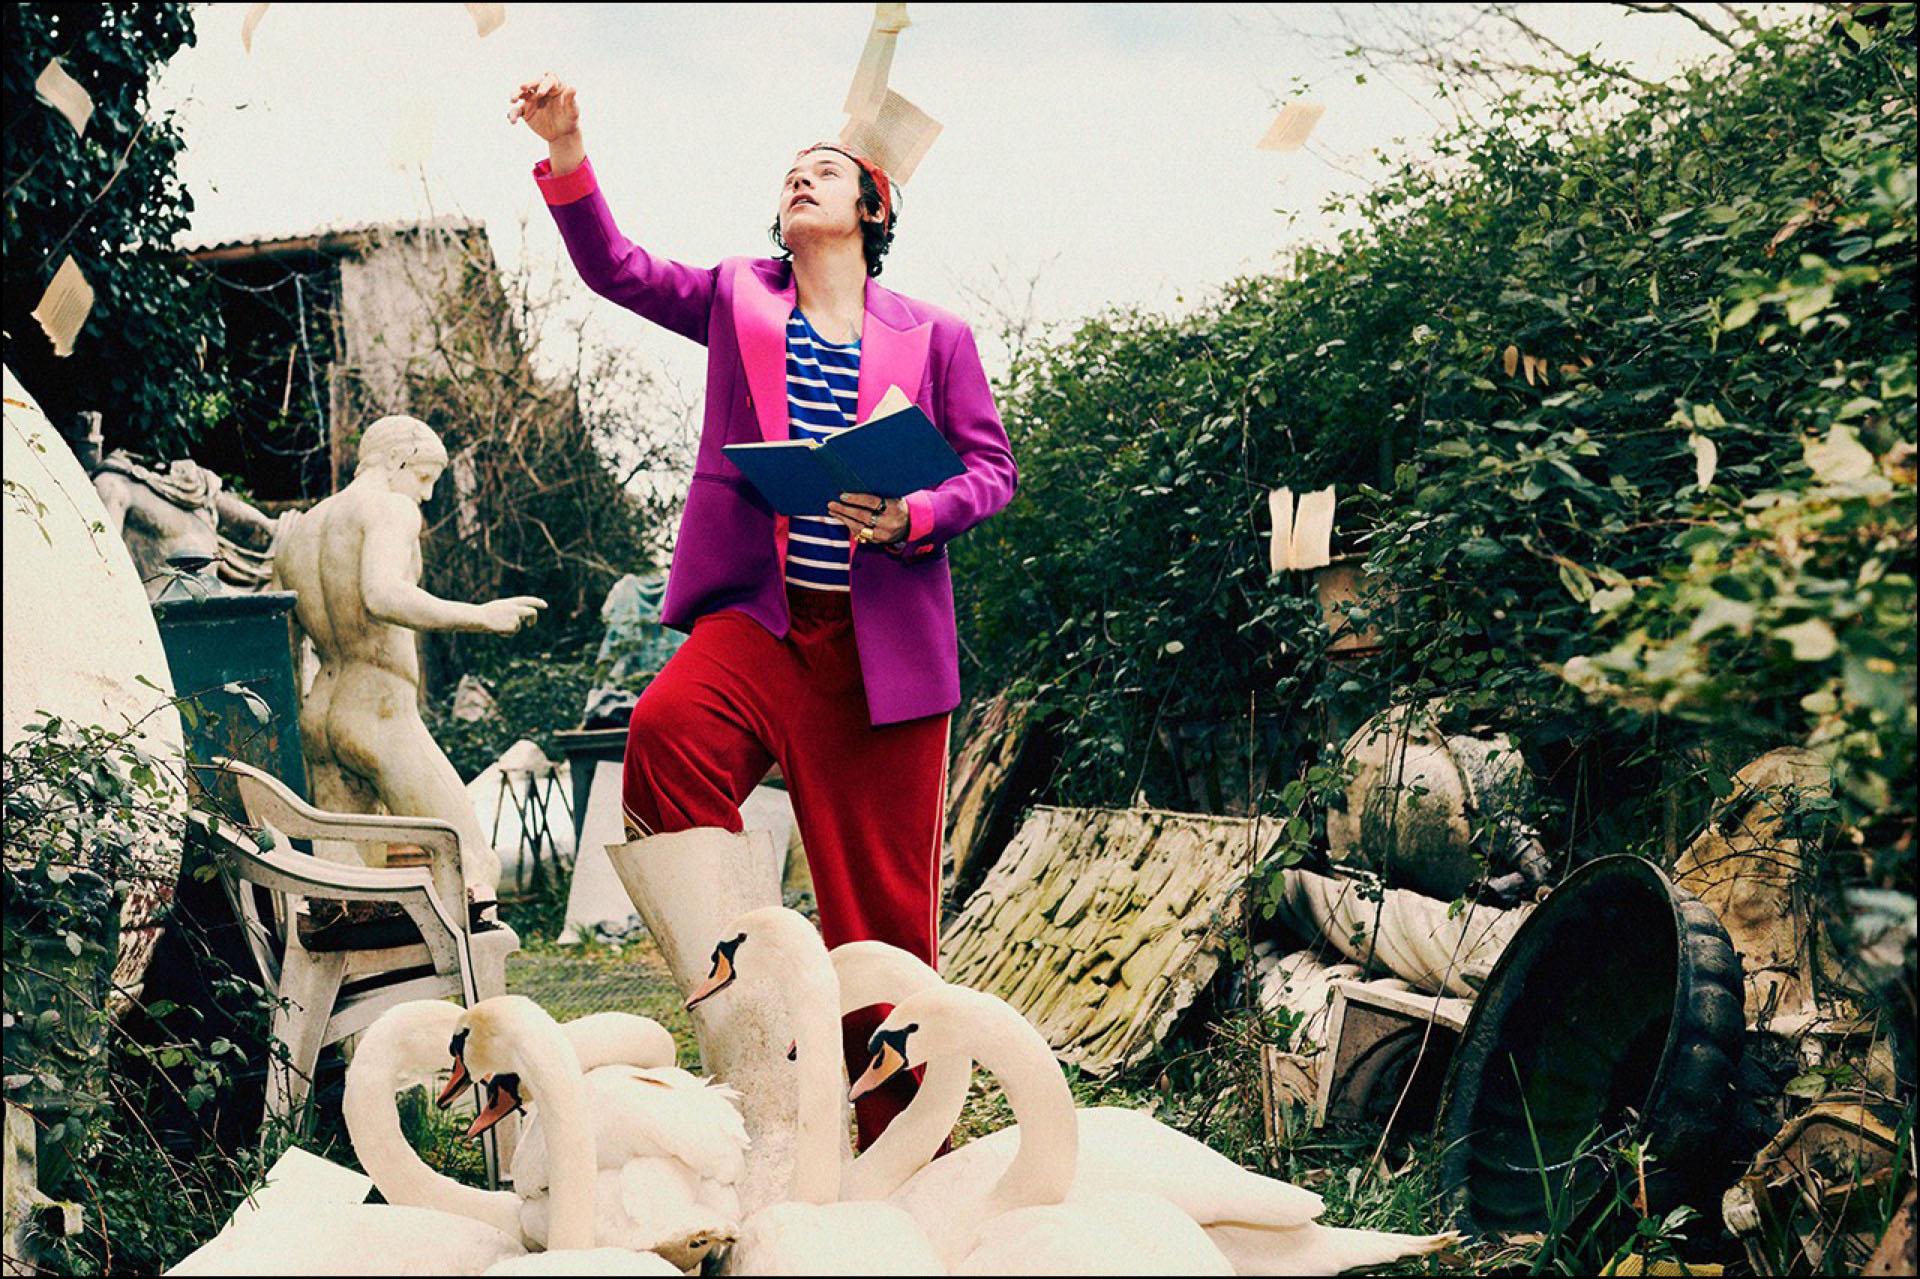 Harry Stylesdesprende las páginas de un libro en medio de un jardín rodeado de cisnes.